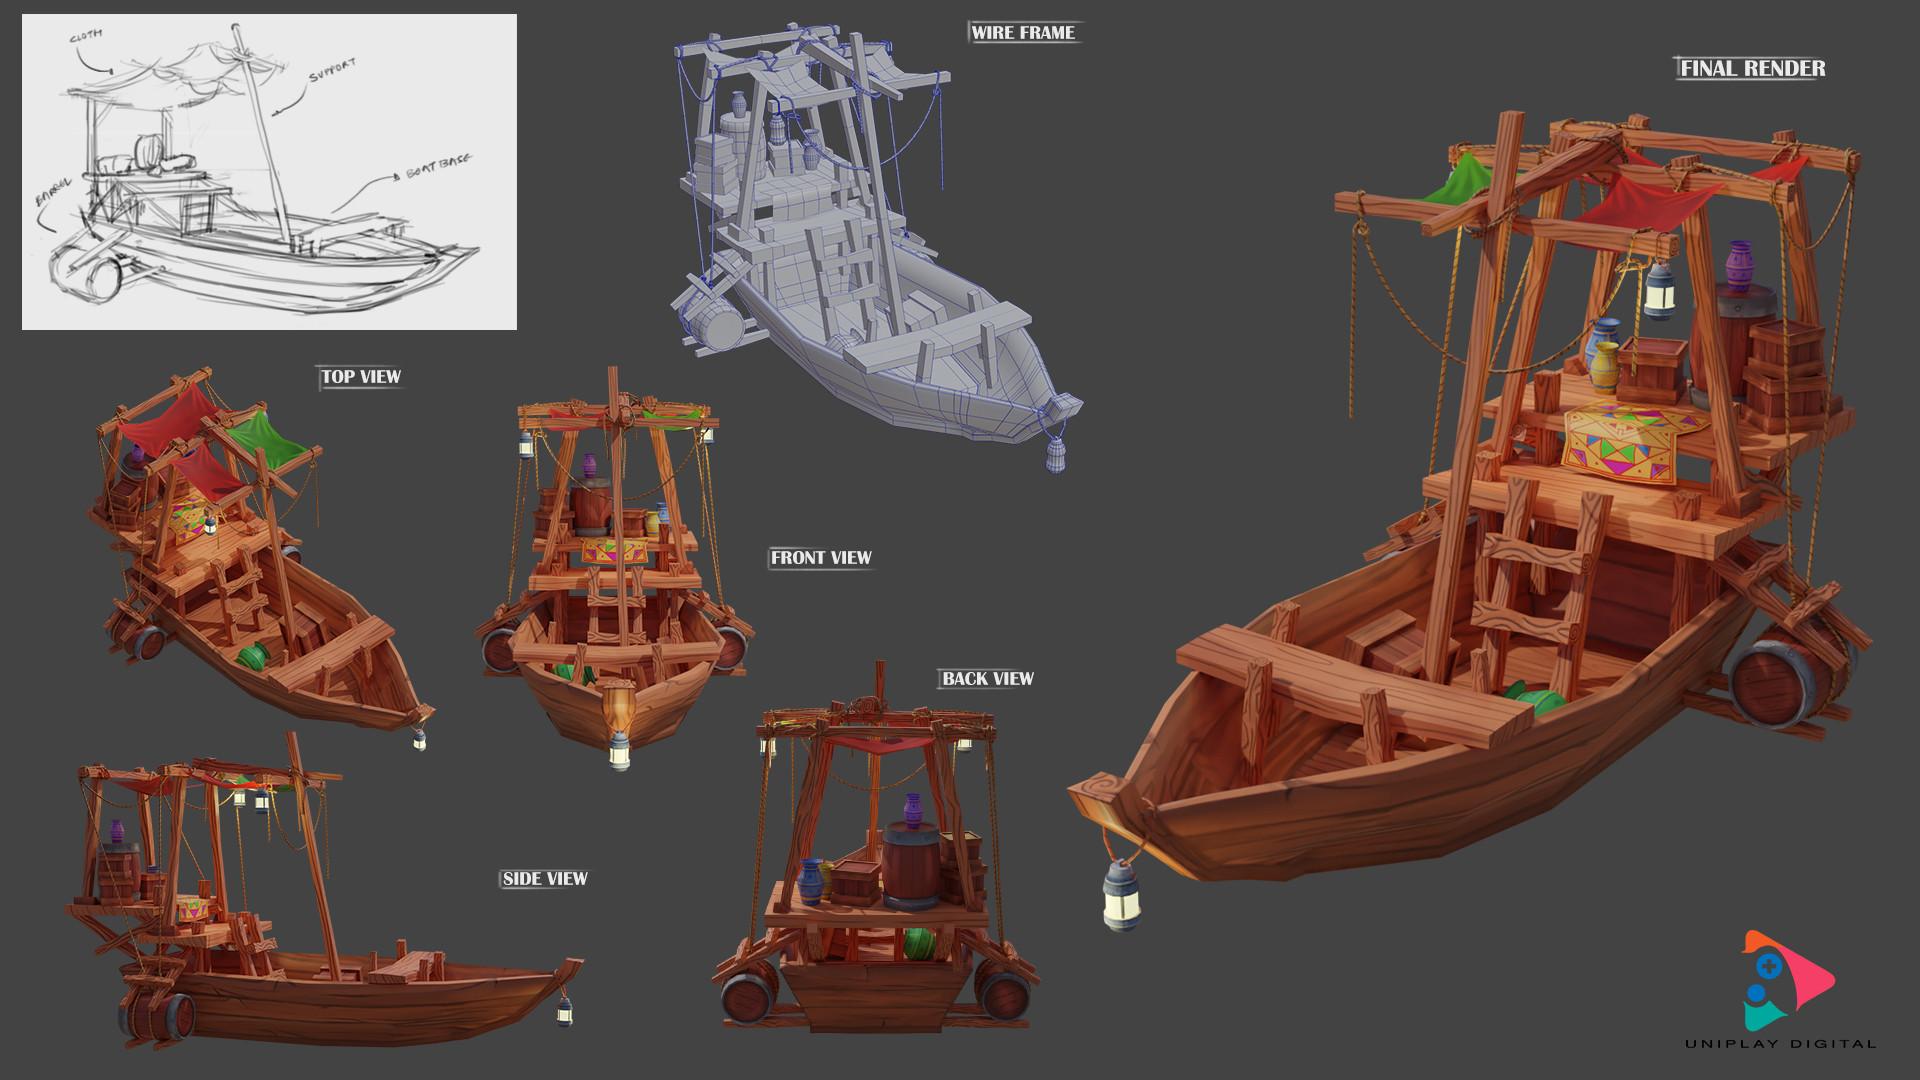 MerchantsBoat